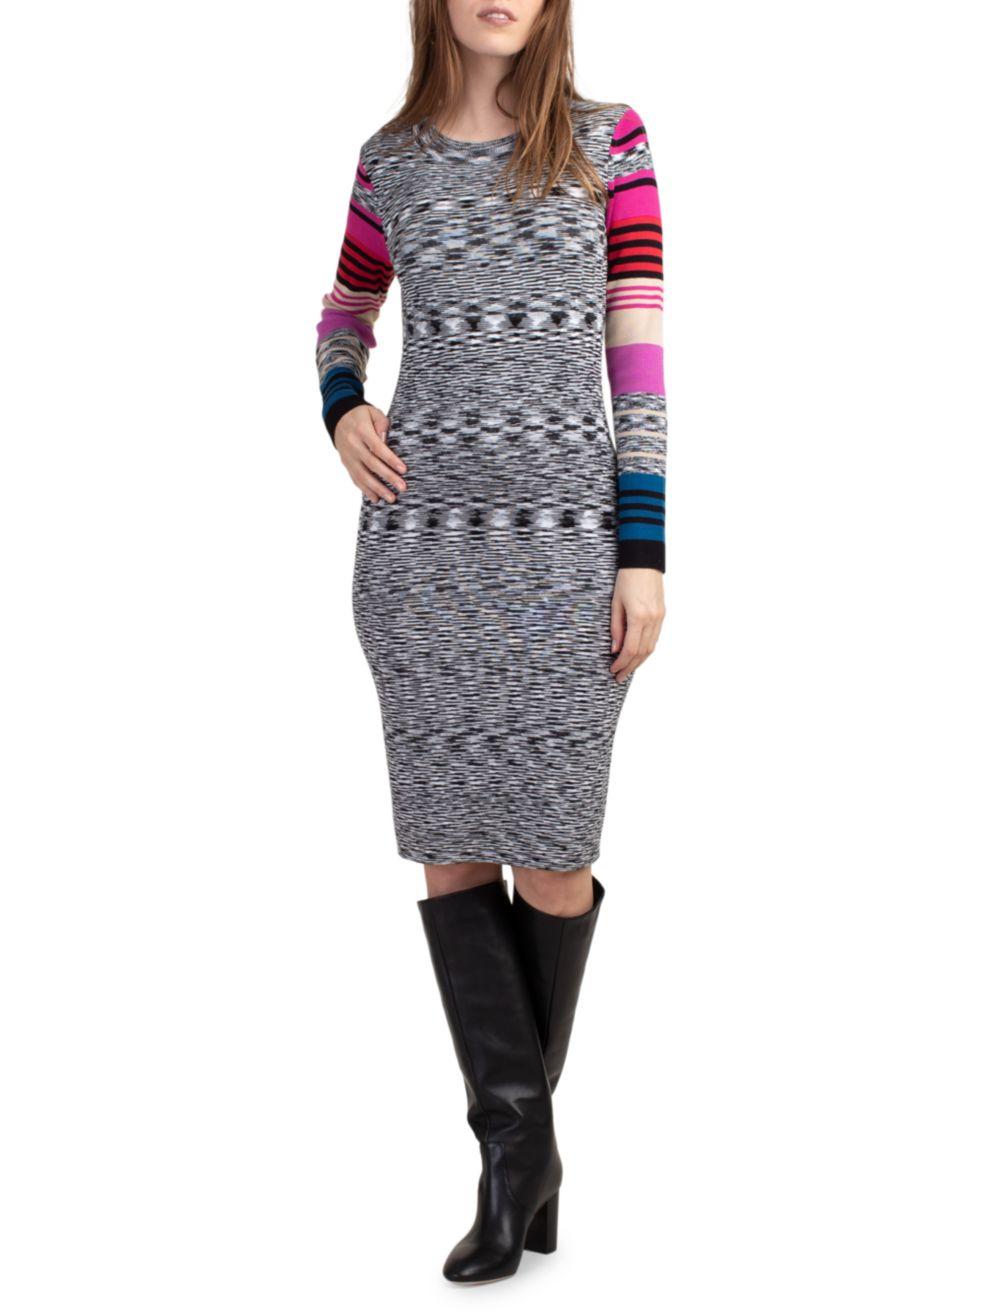 Trina Turk Dialogue Bodycon Dress | SaksFifthAvenue